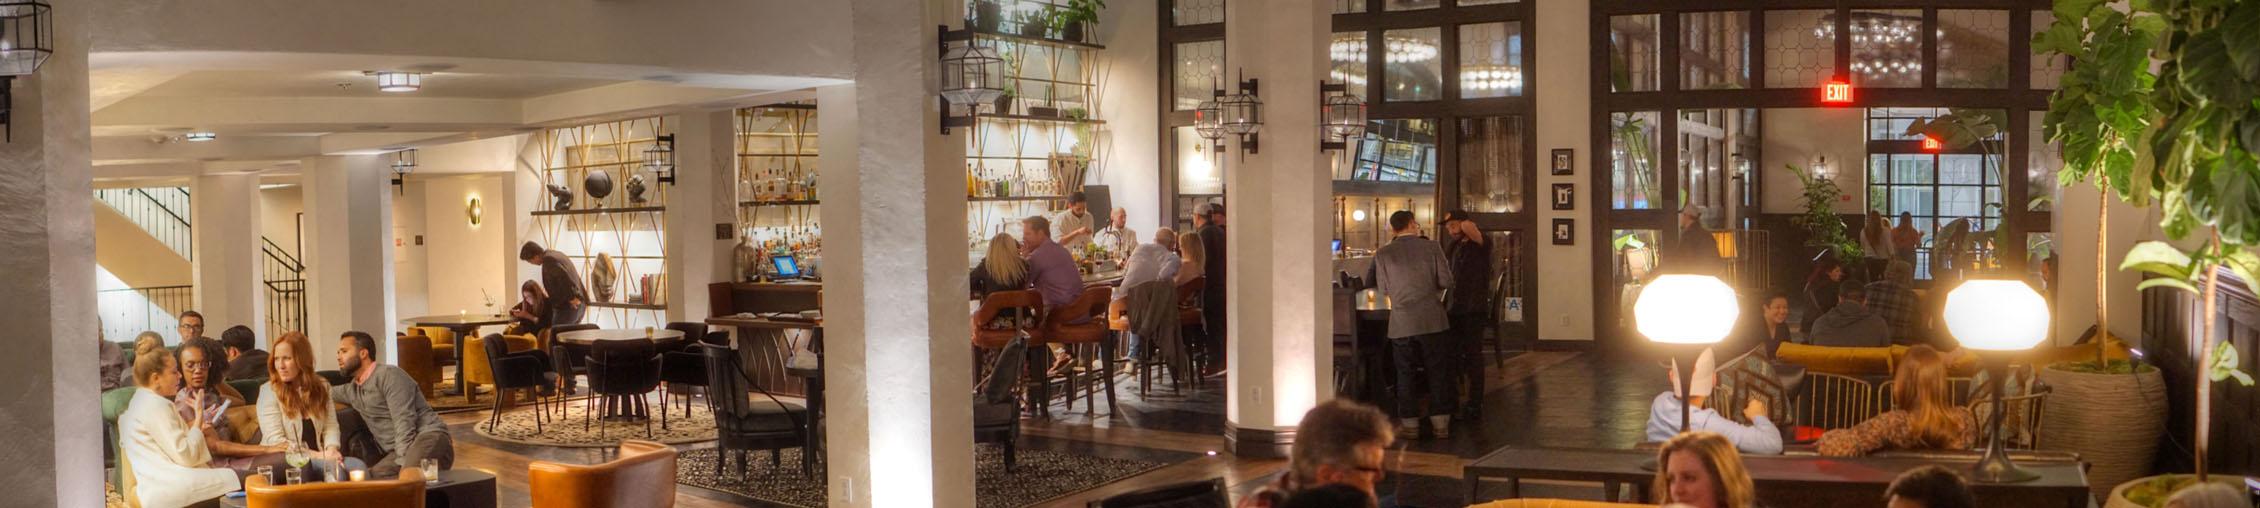 Bar Figueroa & Lounge